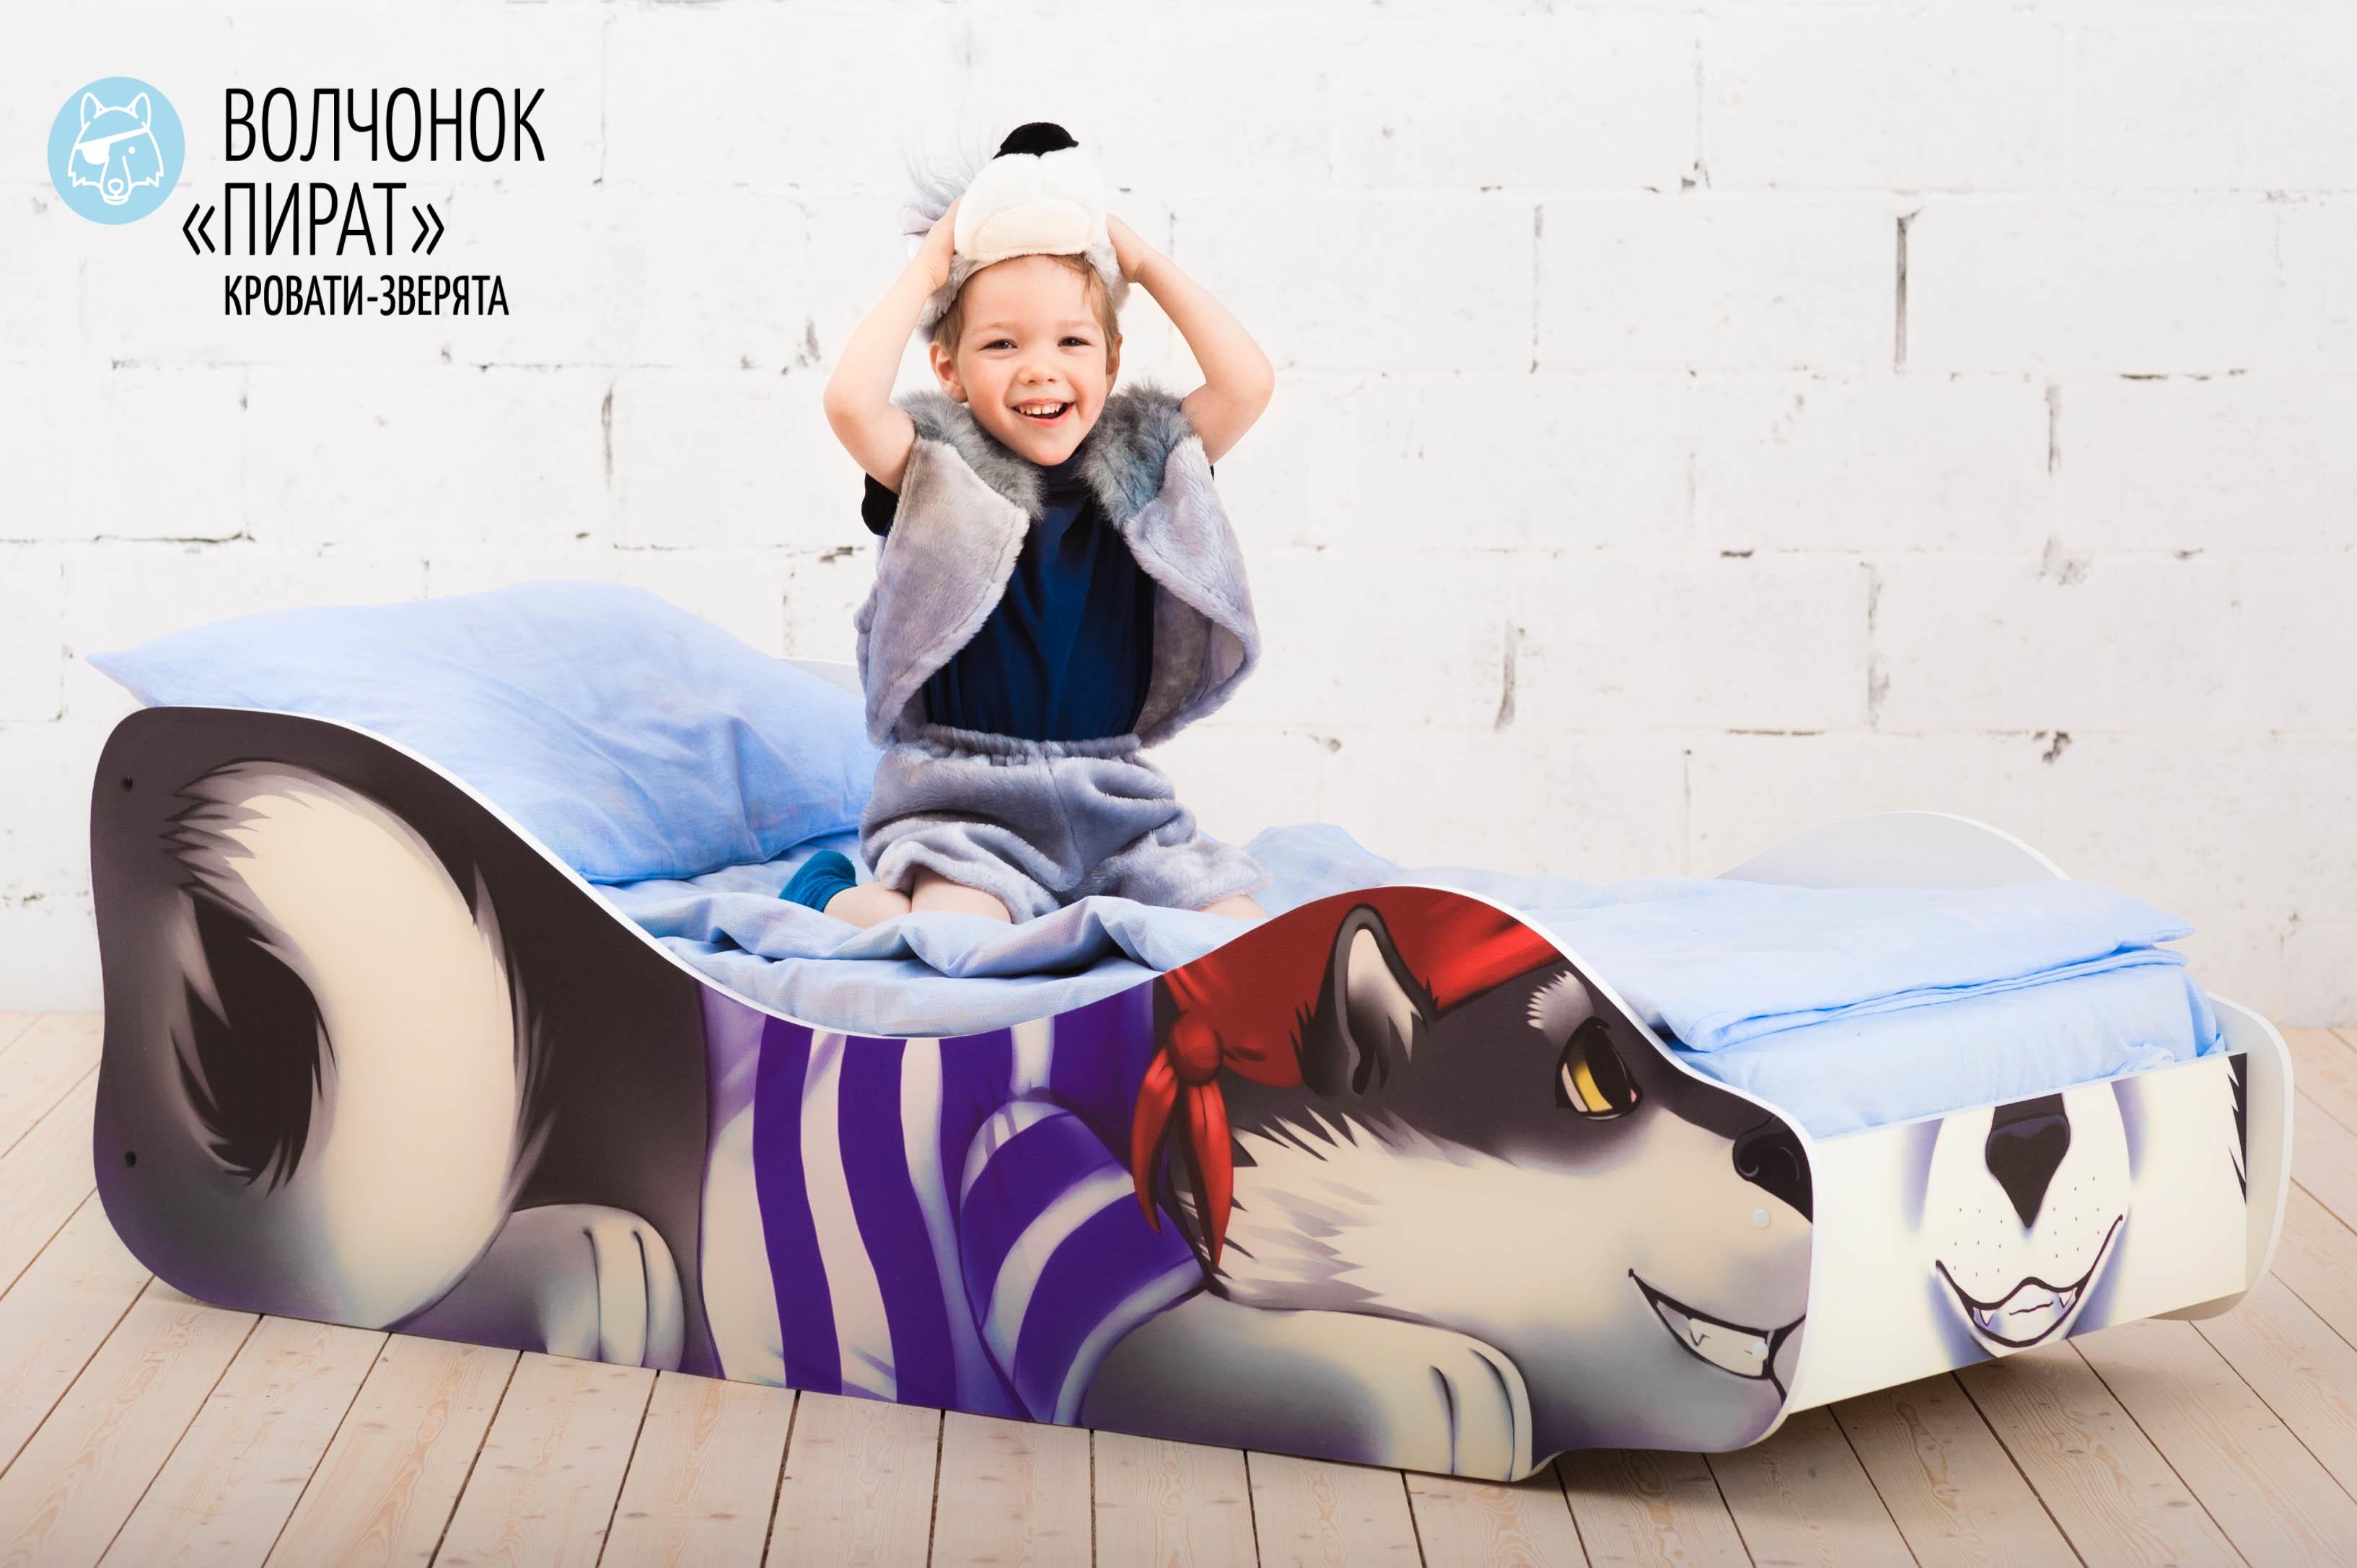 Детская кровать-зверенок -Волчонок-Пират-14